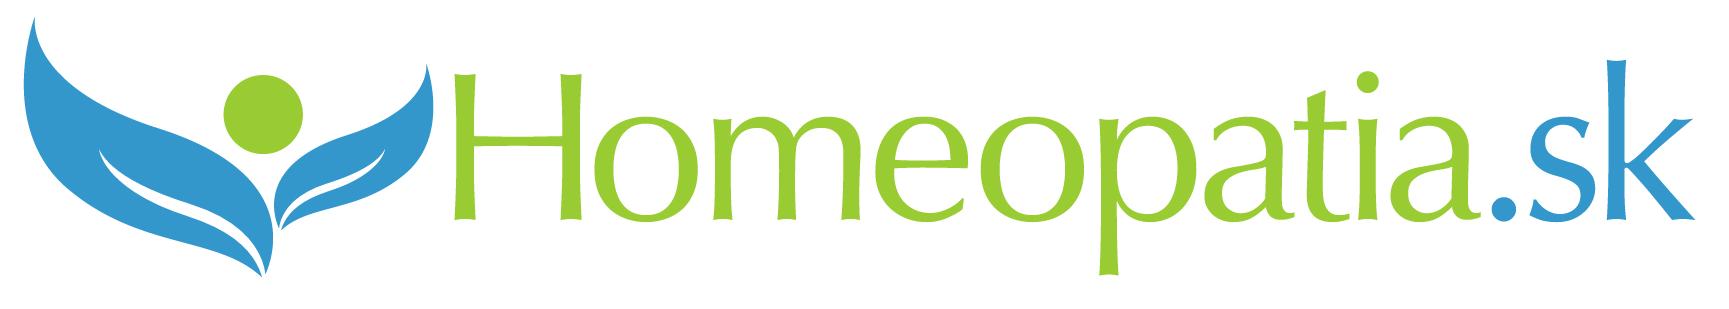 homeopatia.sk